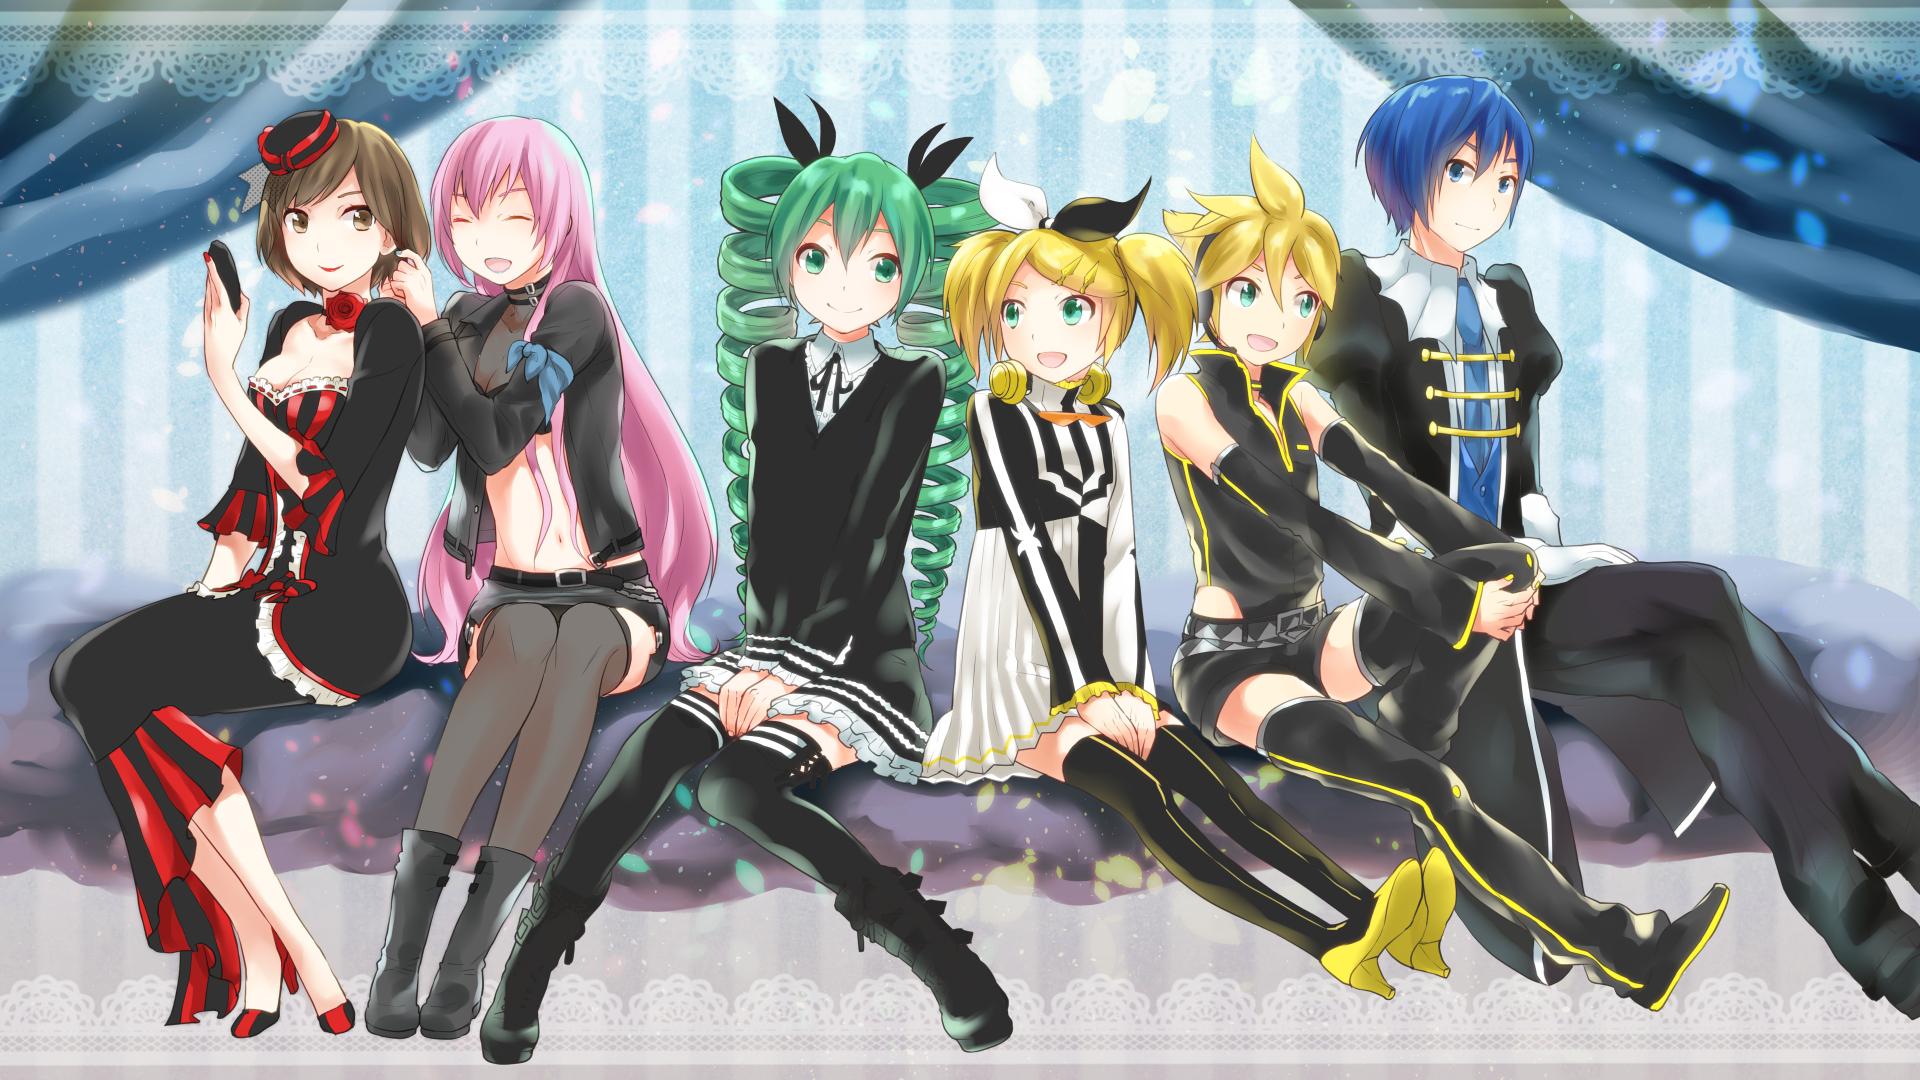 project diva 2nd wallpaper zerochan anime image board